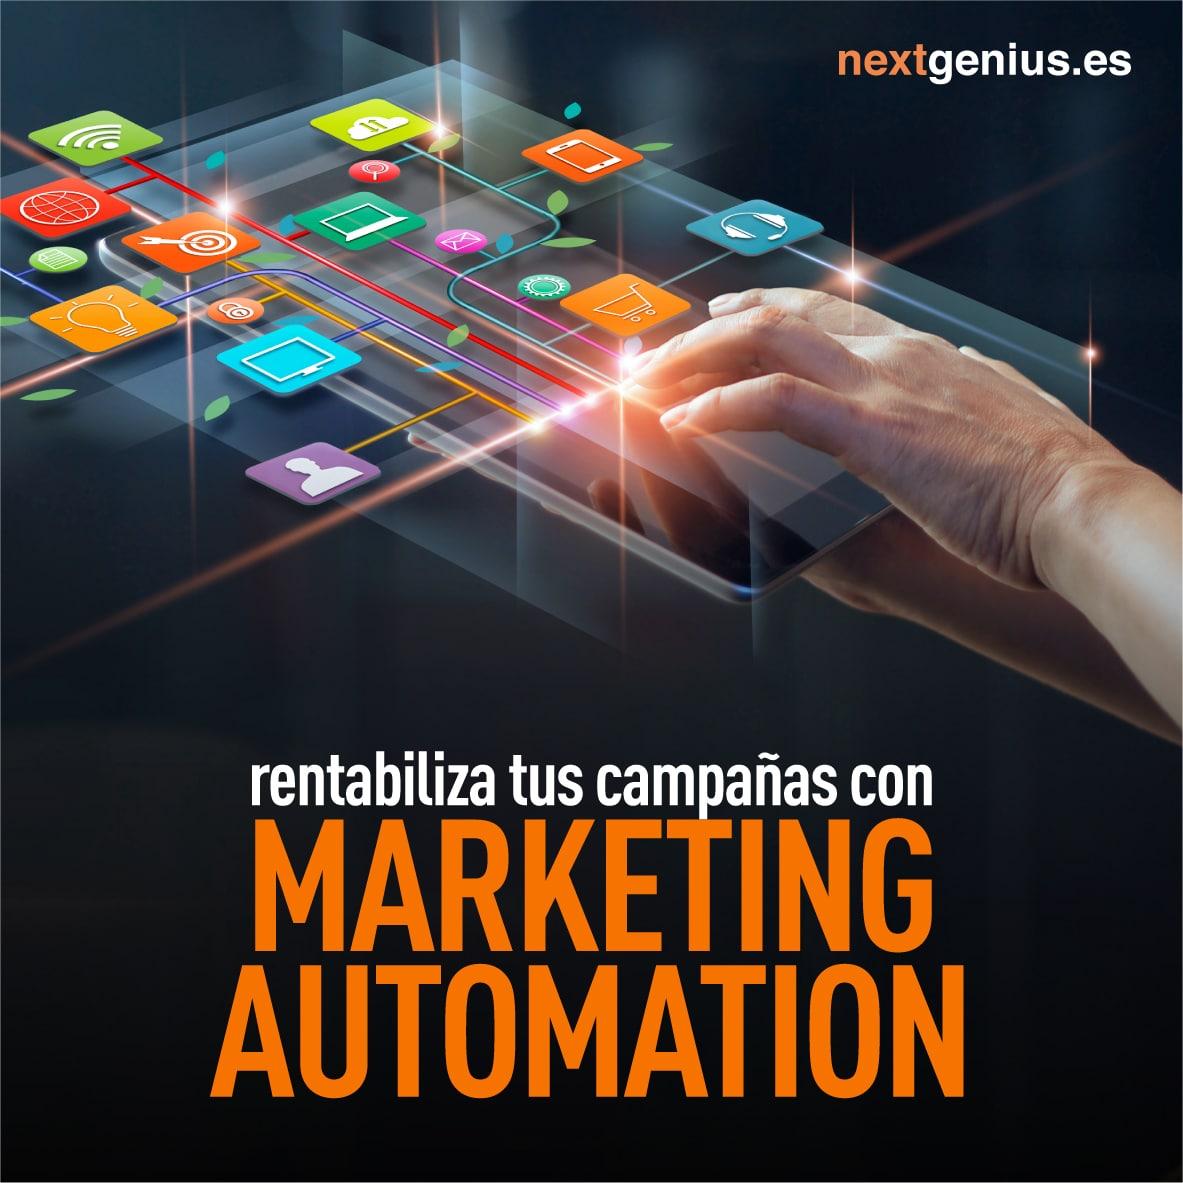 Marketing Automation – Cómo rentabilizar tus campañas